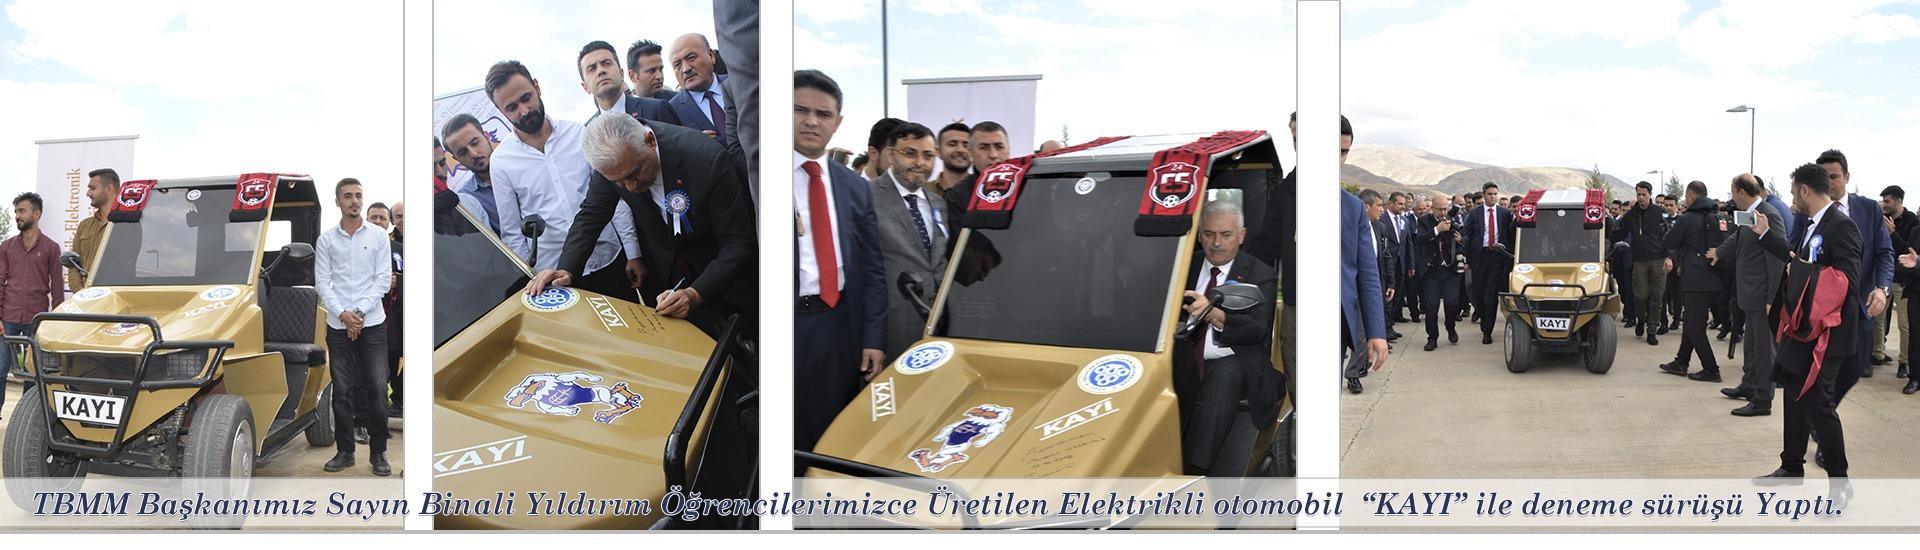 elekt.araç banner 1